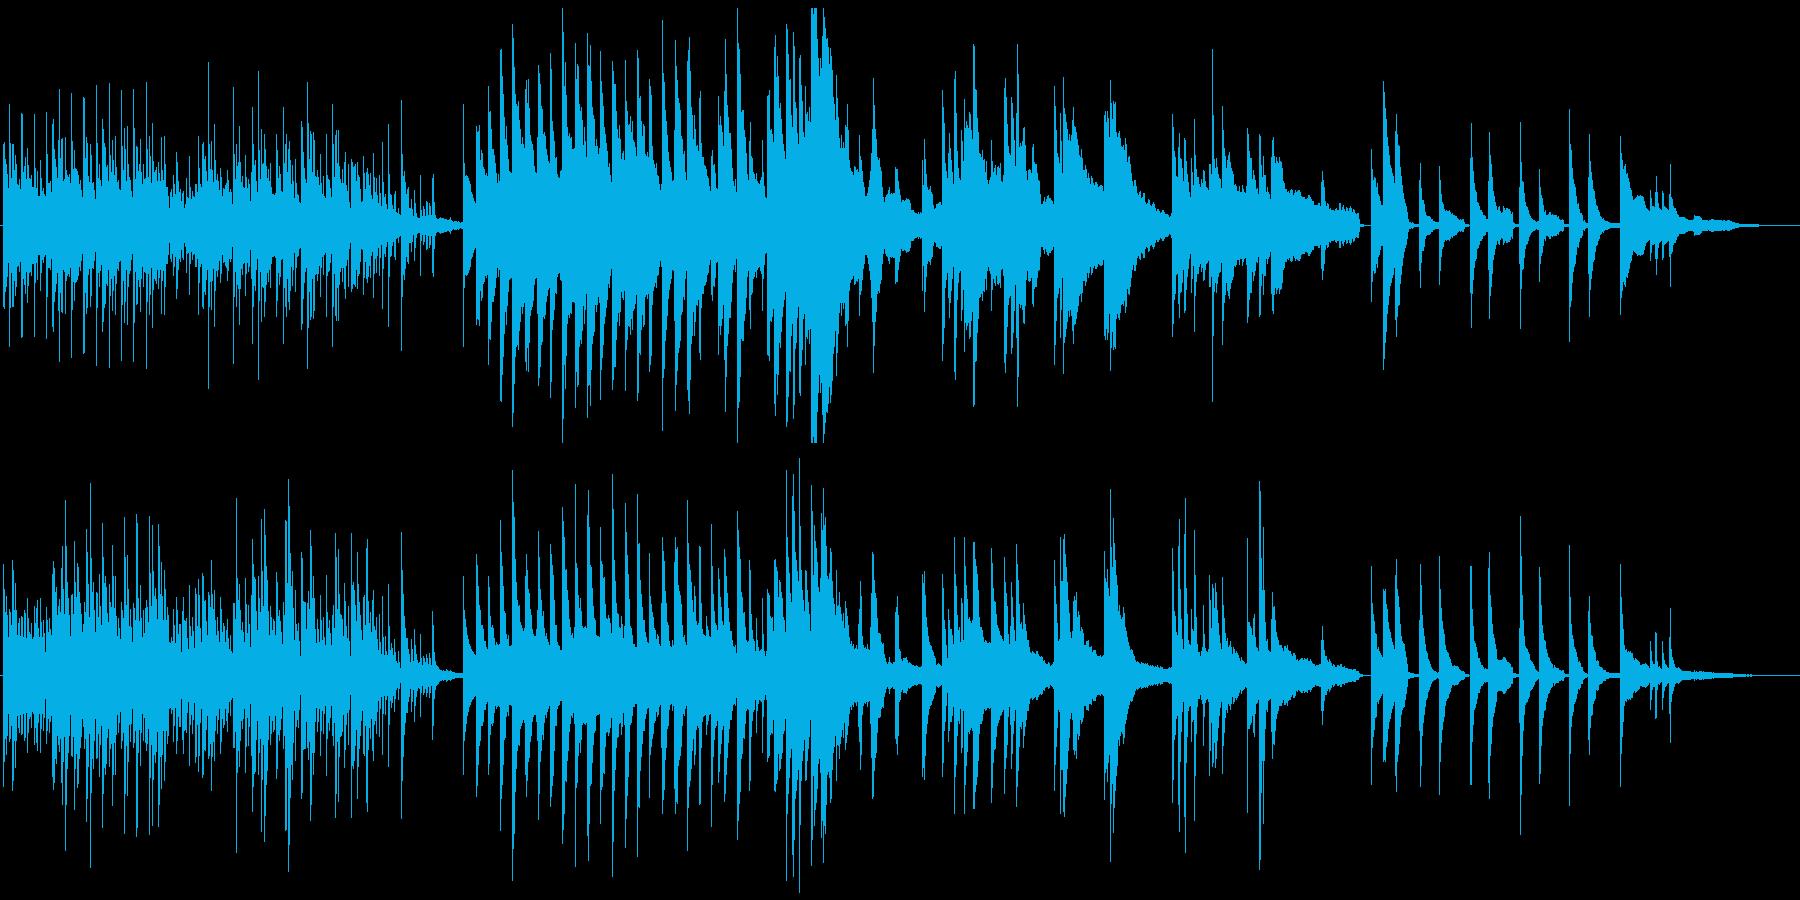 感動ソロピアノ ゆったり空間に重厚感の再生済みの波形